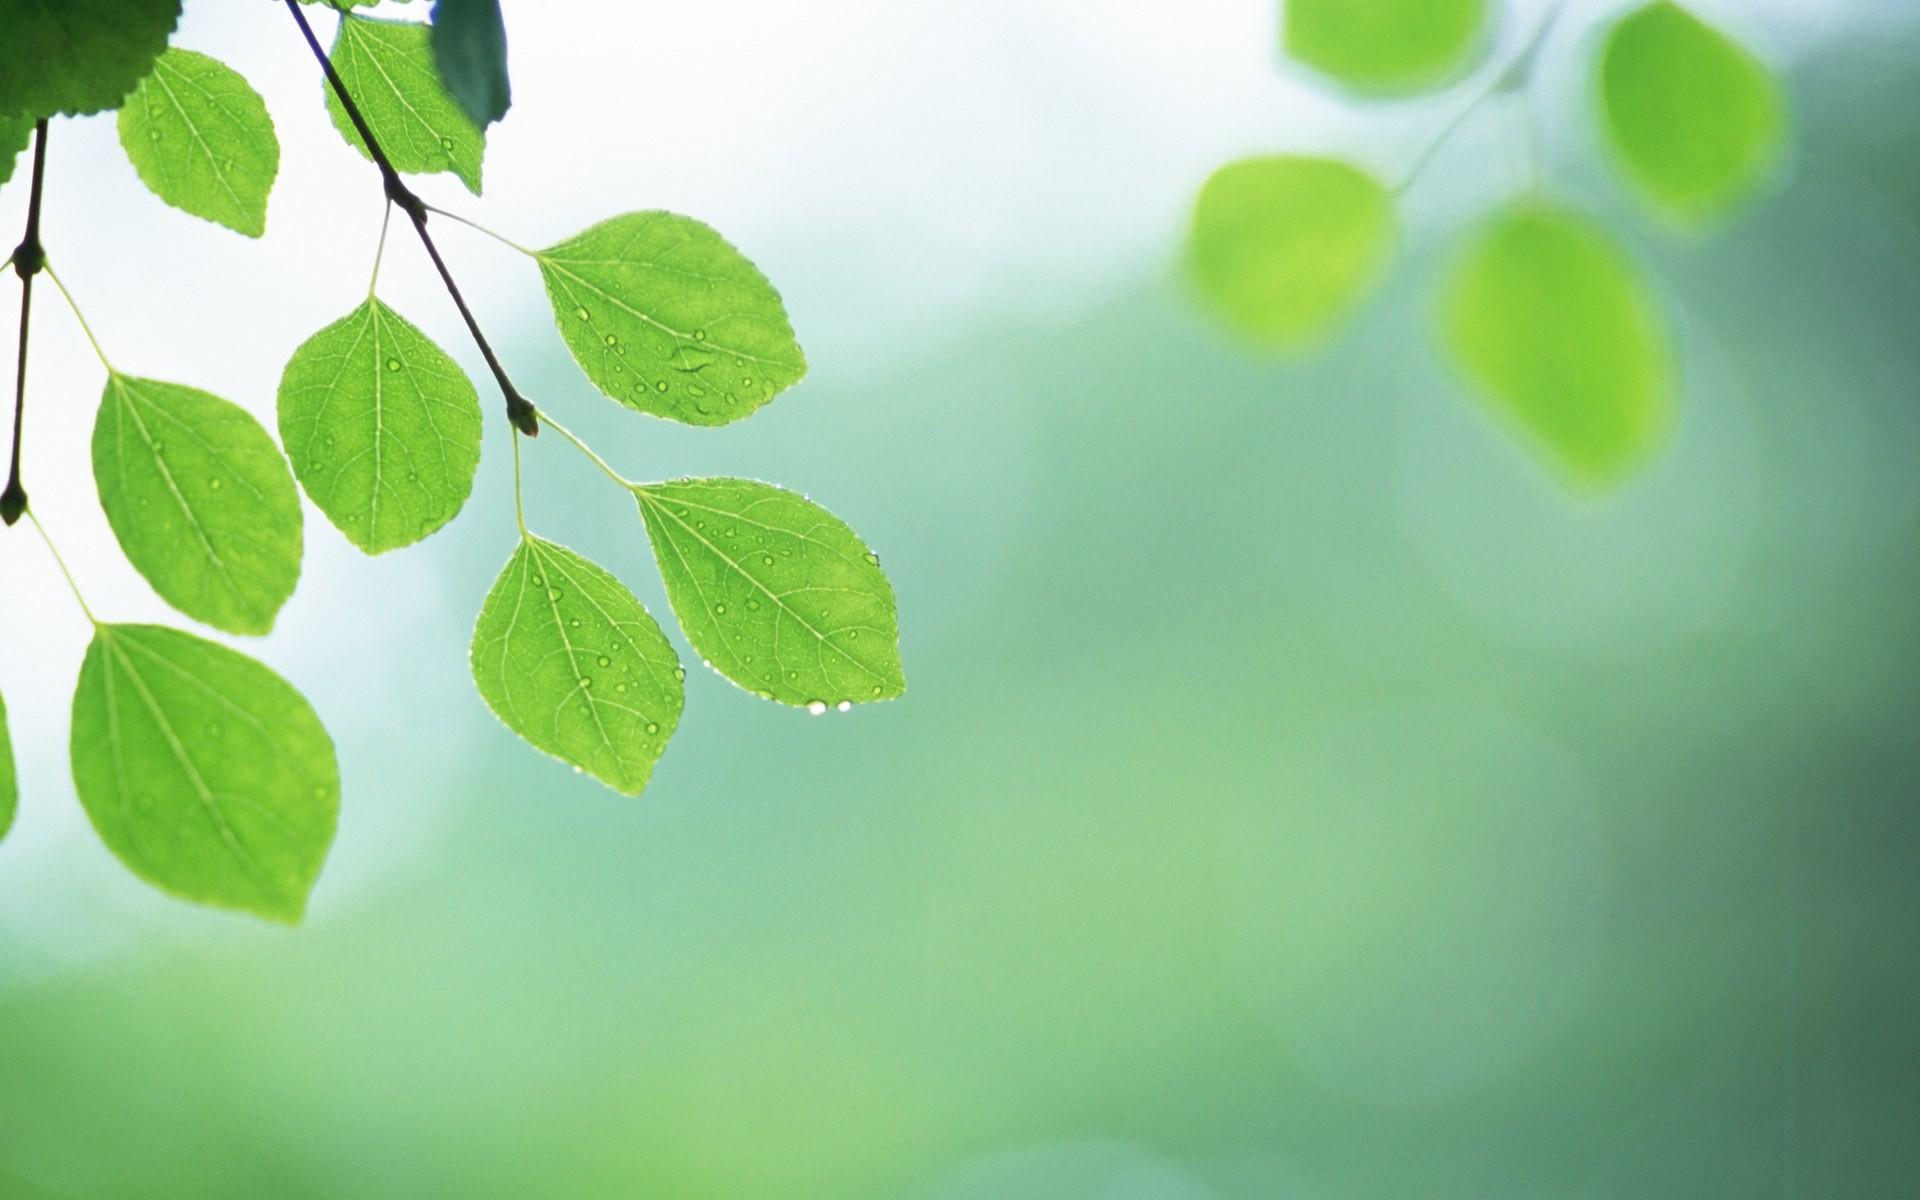 frescas hojas de papel tapiz verde 2 3 1920x1200